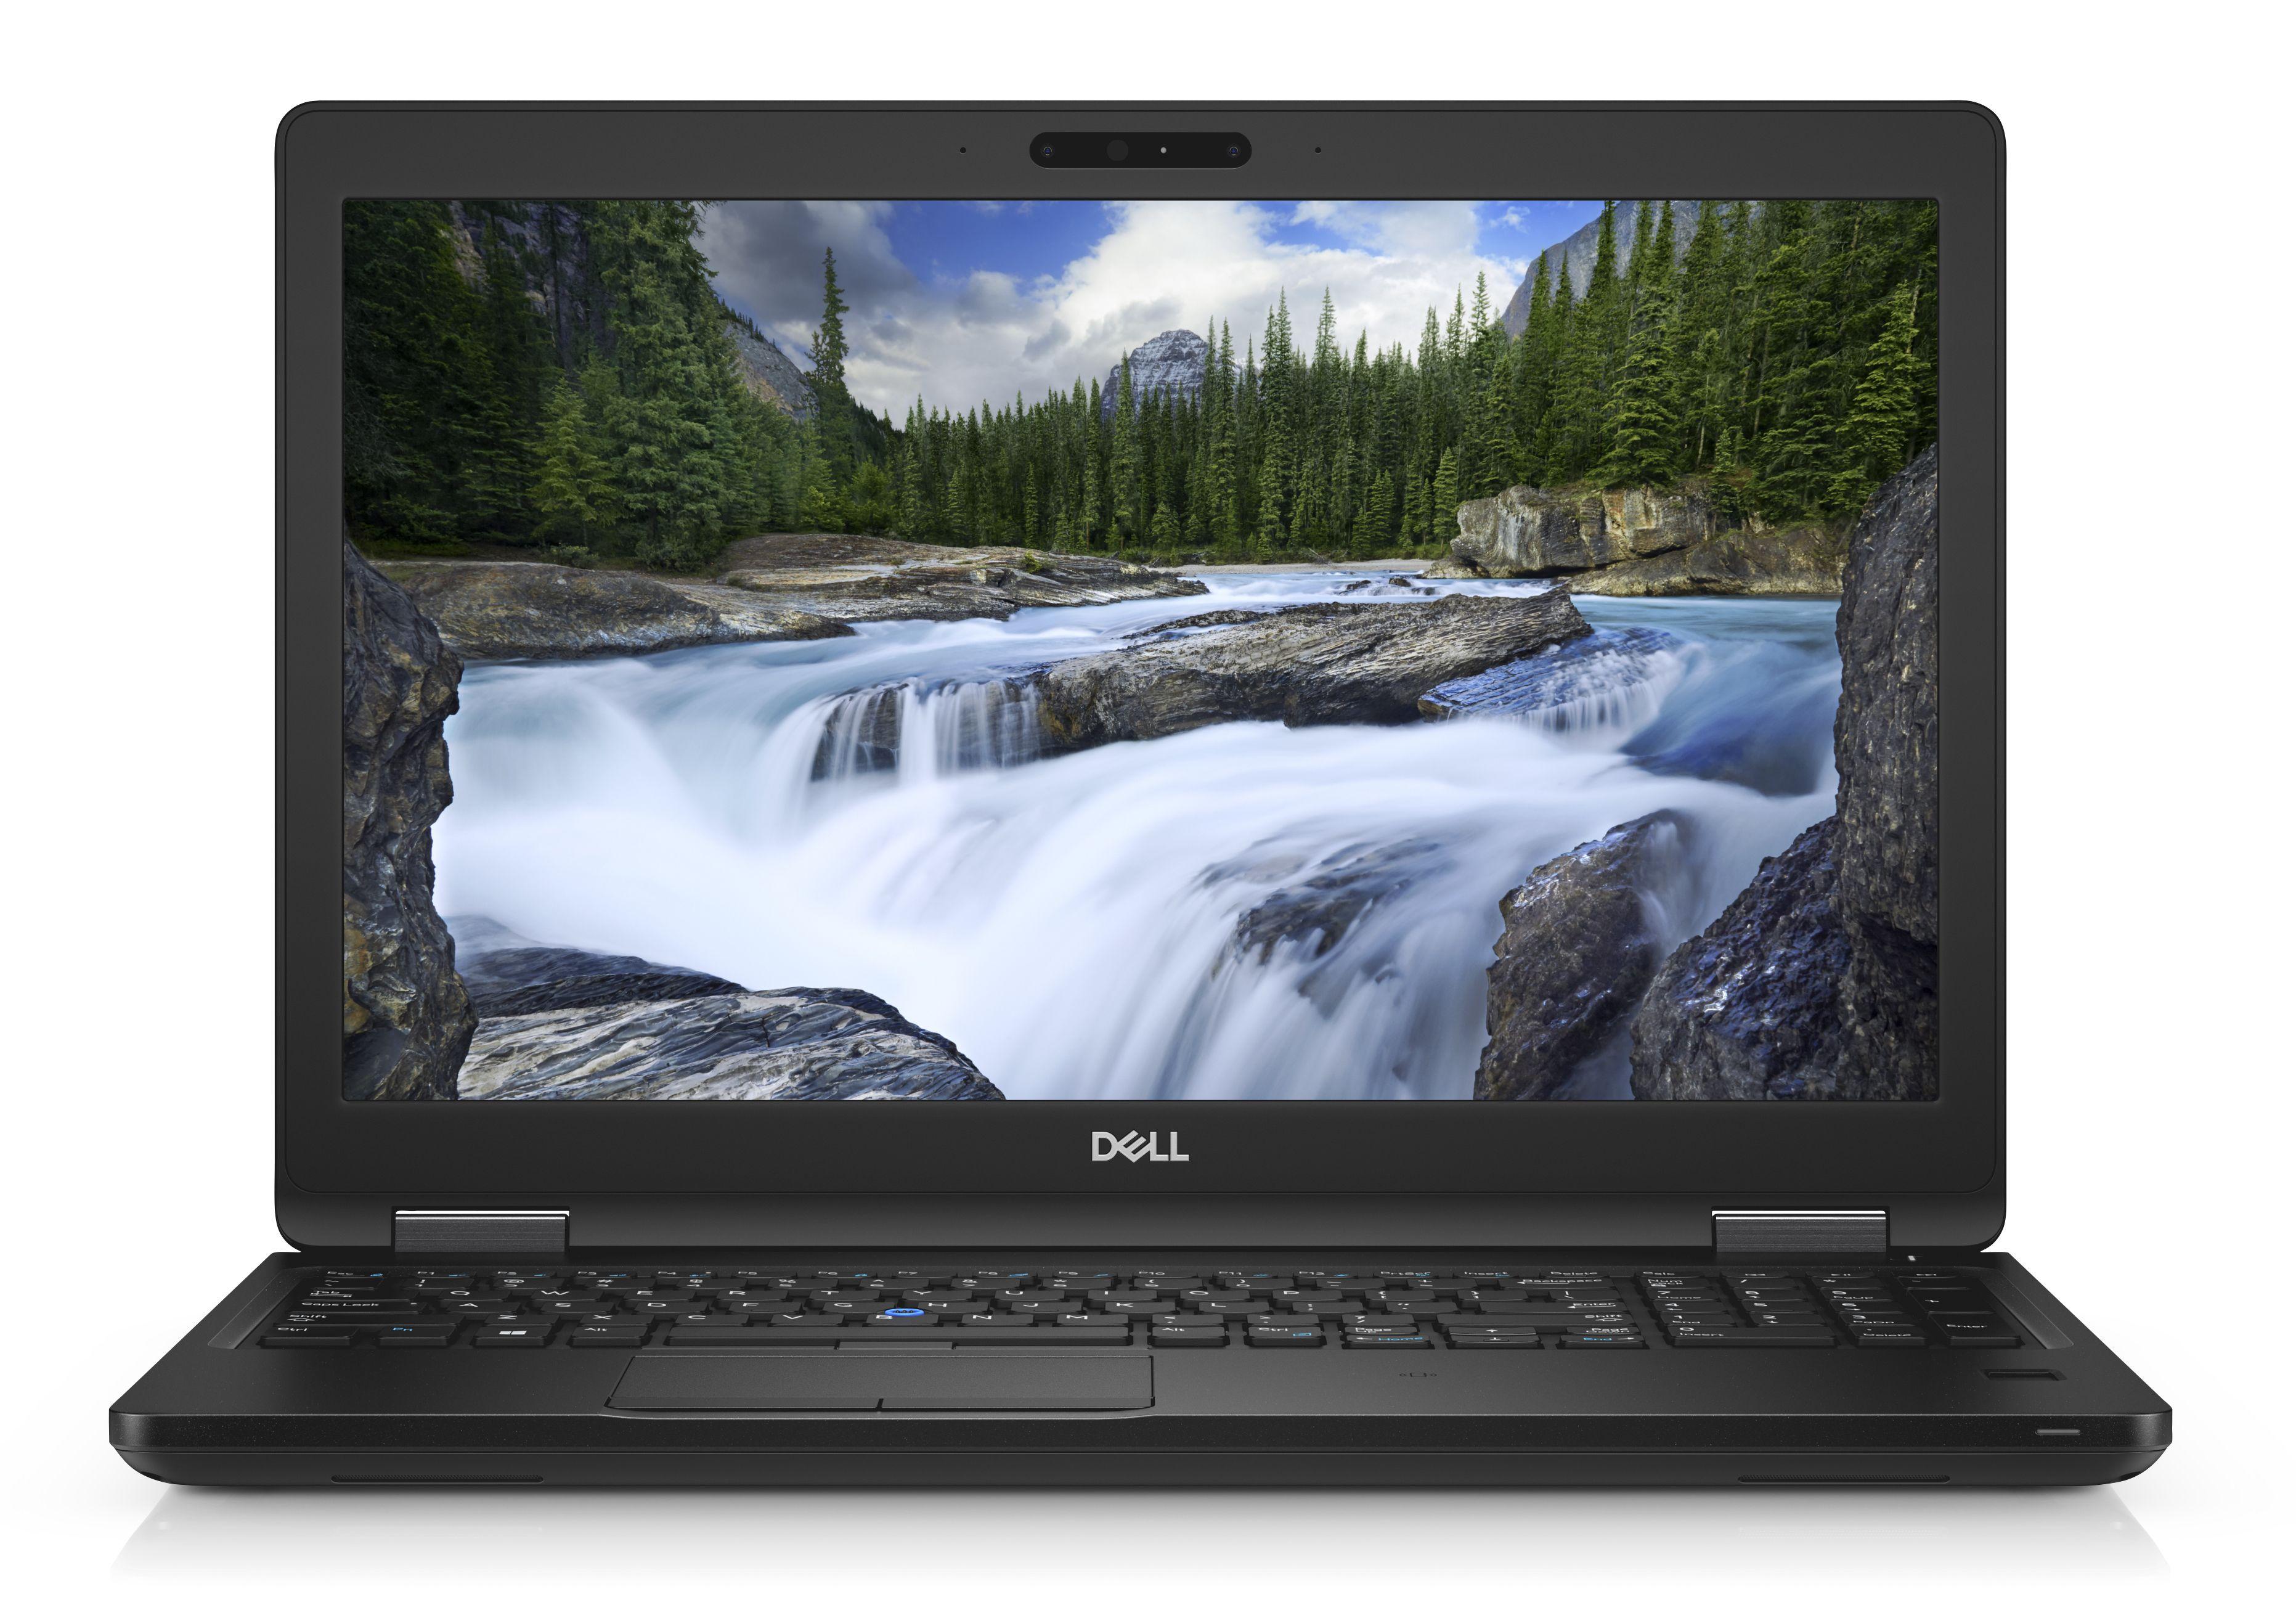 Notebook Dell Latitude 5590 15.6 Full HD Intel Core i5-8350U MX130 RAM 8GB SSD 256GB Windows 10 Pro